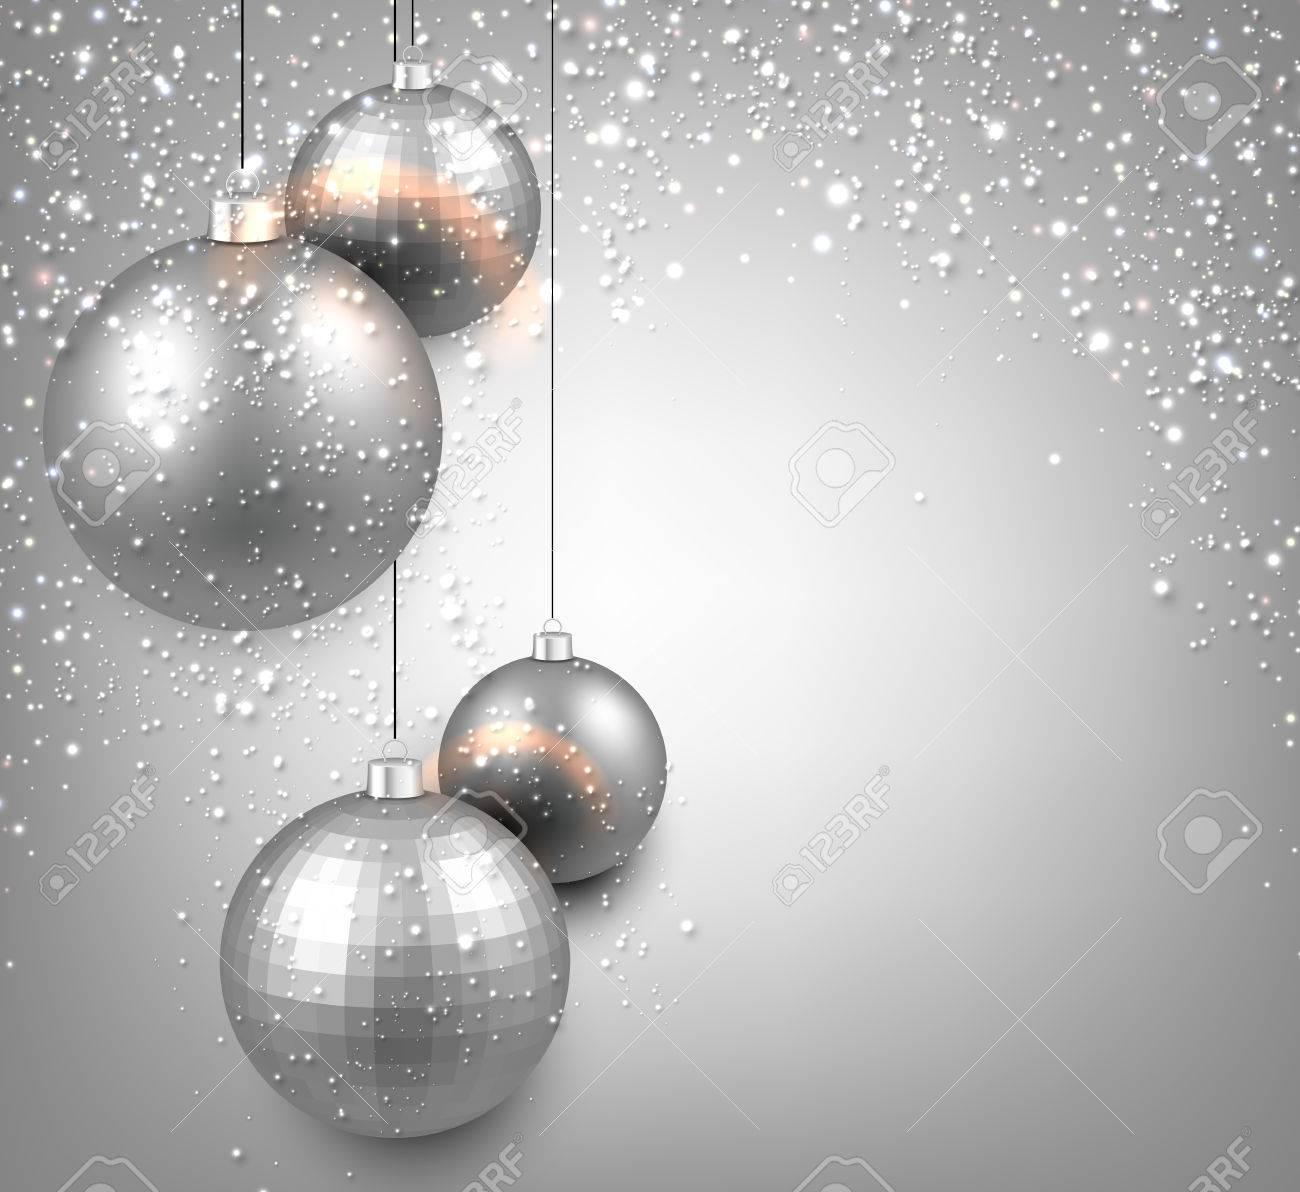 Résumé De Fond Avec Des Boules De Noël Argent. Vector Illustration